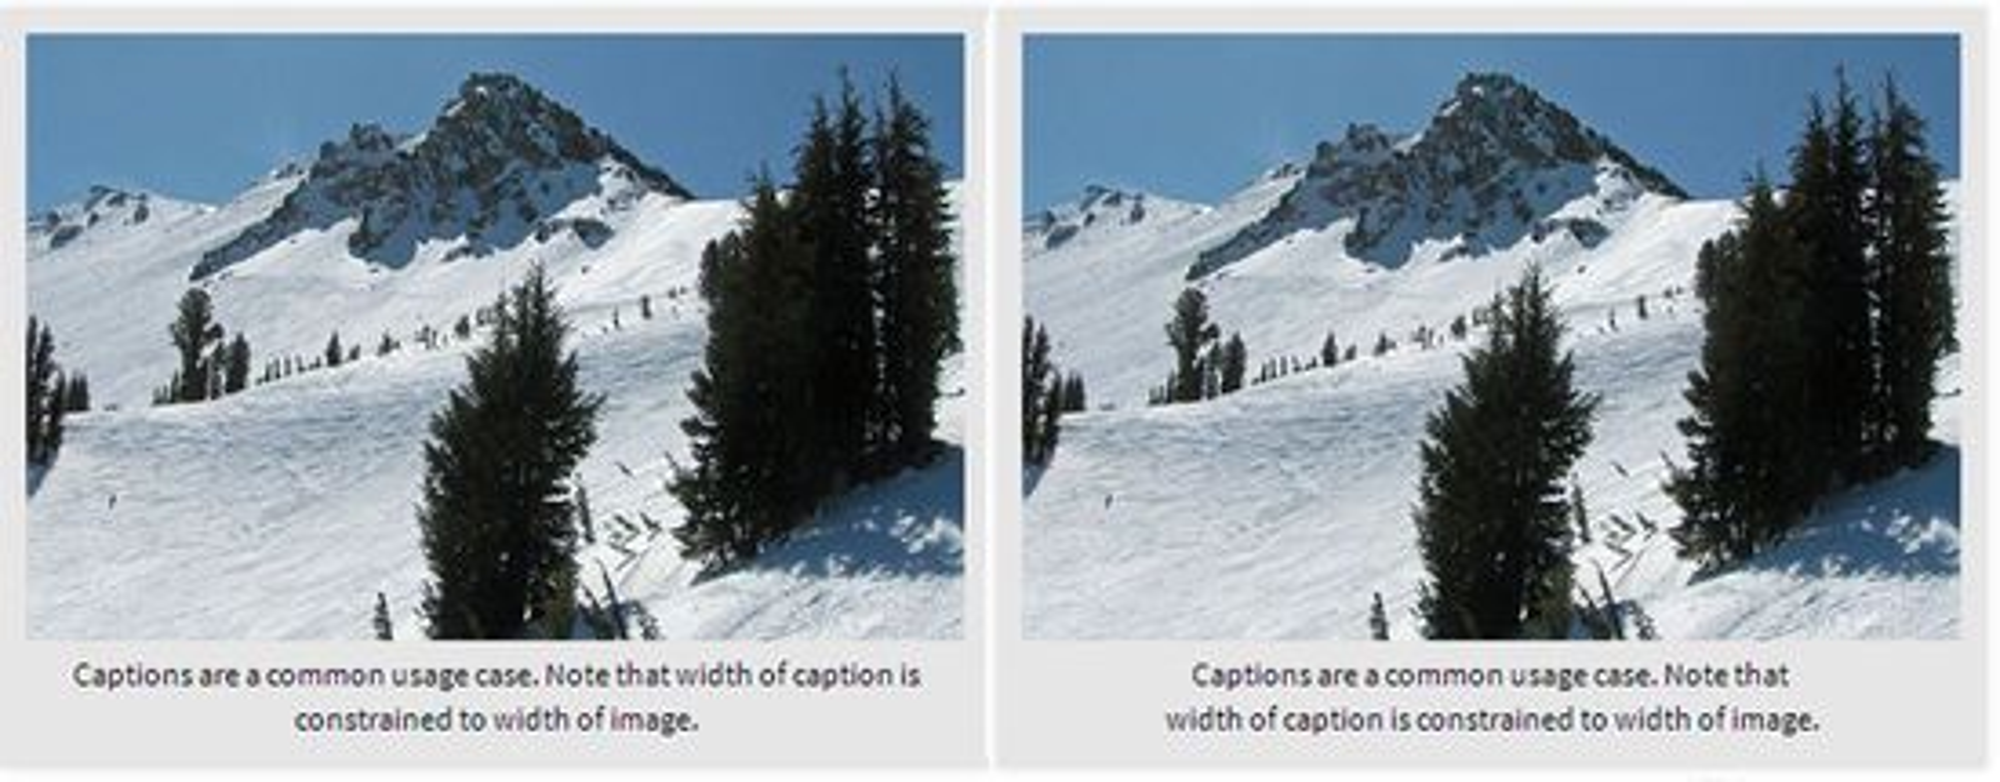 Bildetekster er et aktuelt område for bruk av balansert tekst, dersom teksten ikke få plass på bare én linje. Til venstre er teksten midtstilt, til høyre er den balansert.